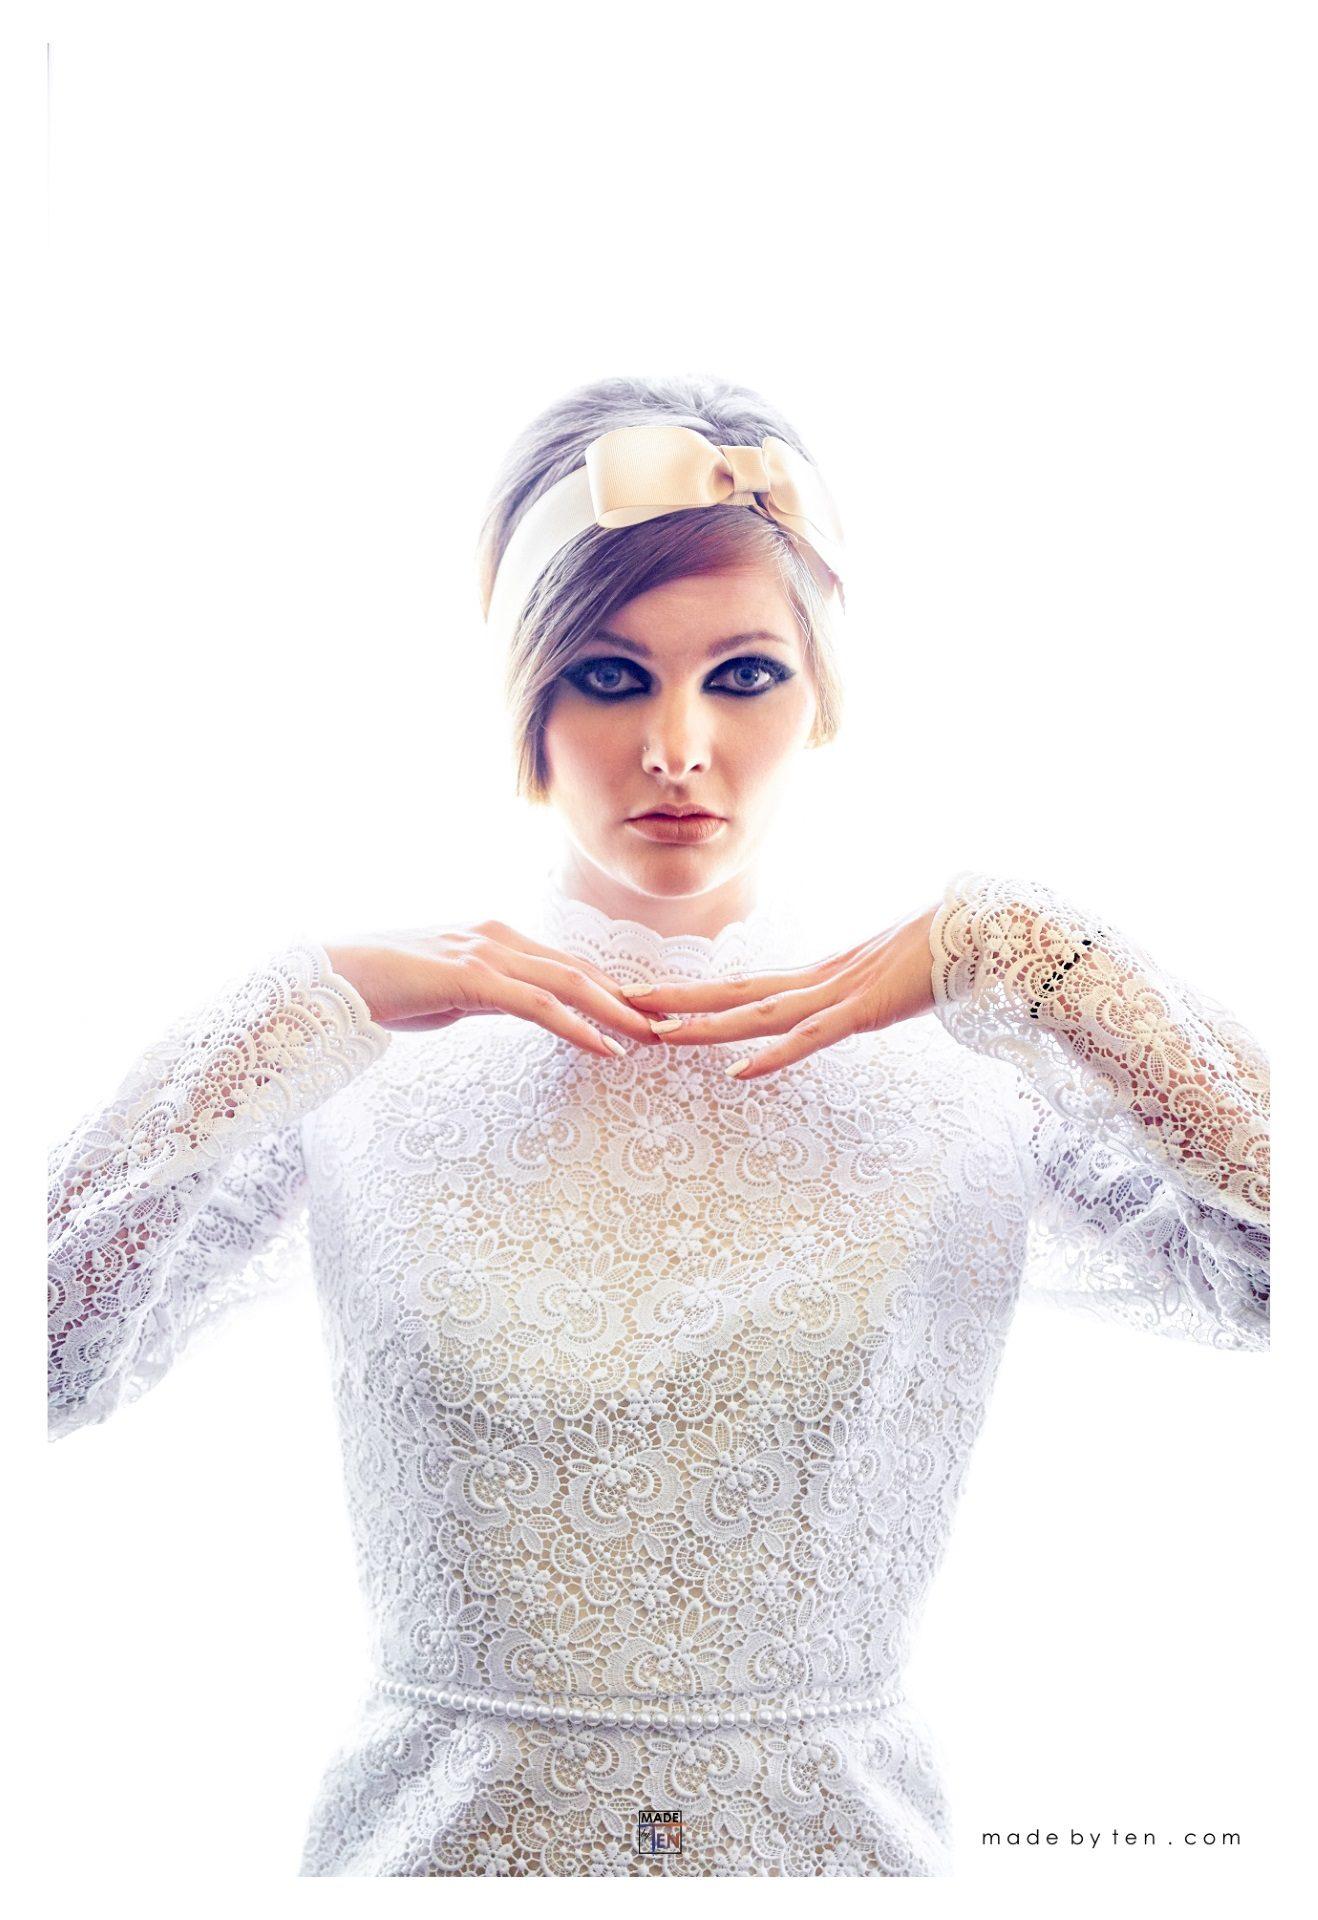 Woman Creative Headshot - GTA Women Fashion Photography